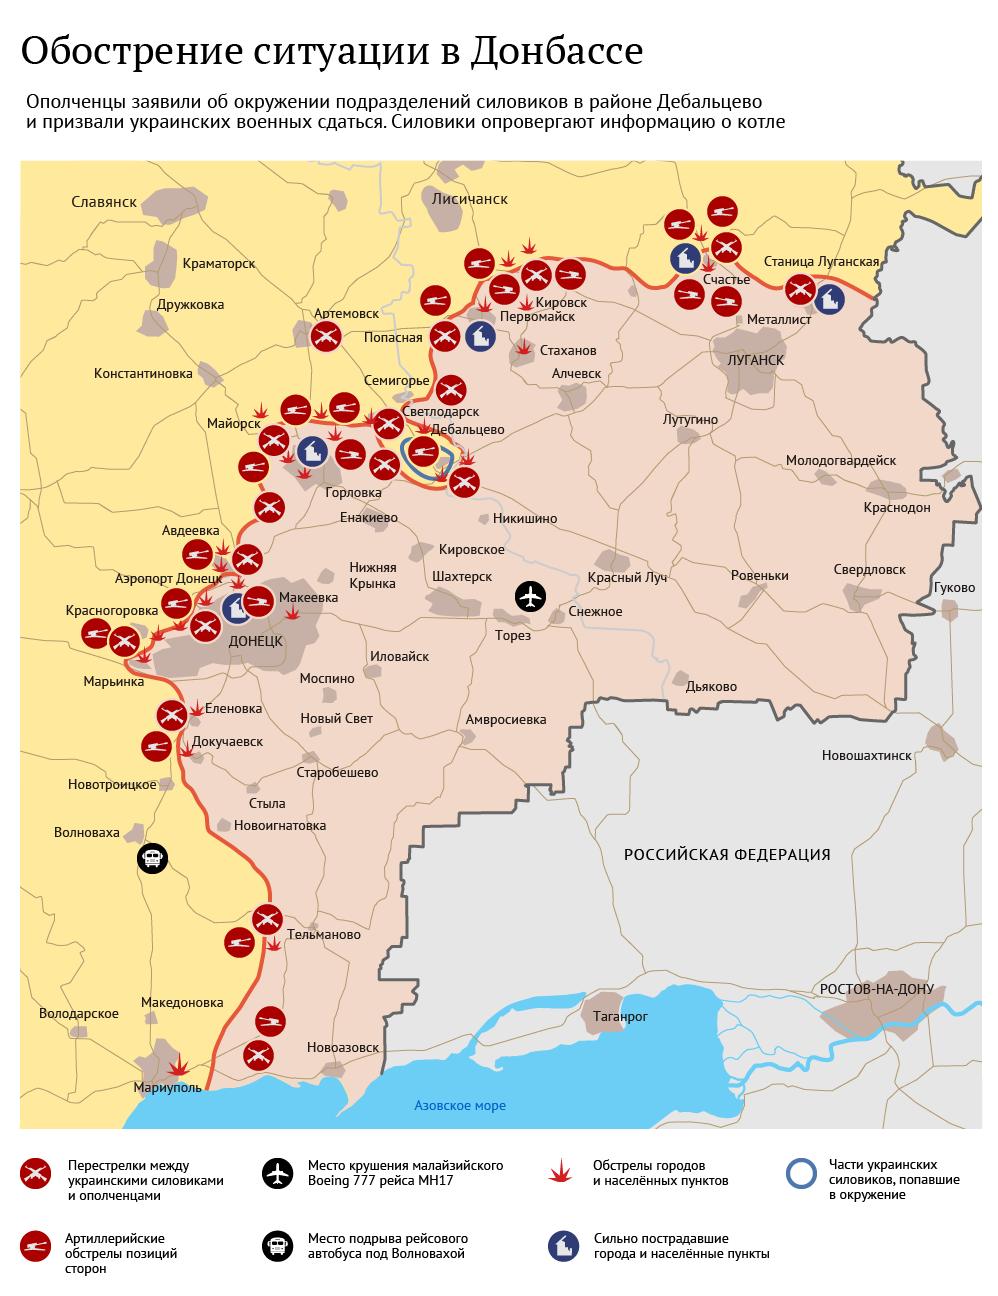 Ополчение ЛНР заявило, что впервые атаковало силовиков с воздуха